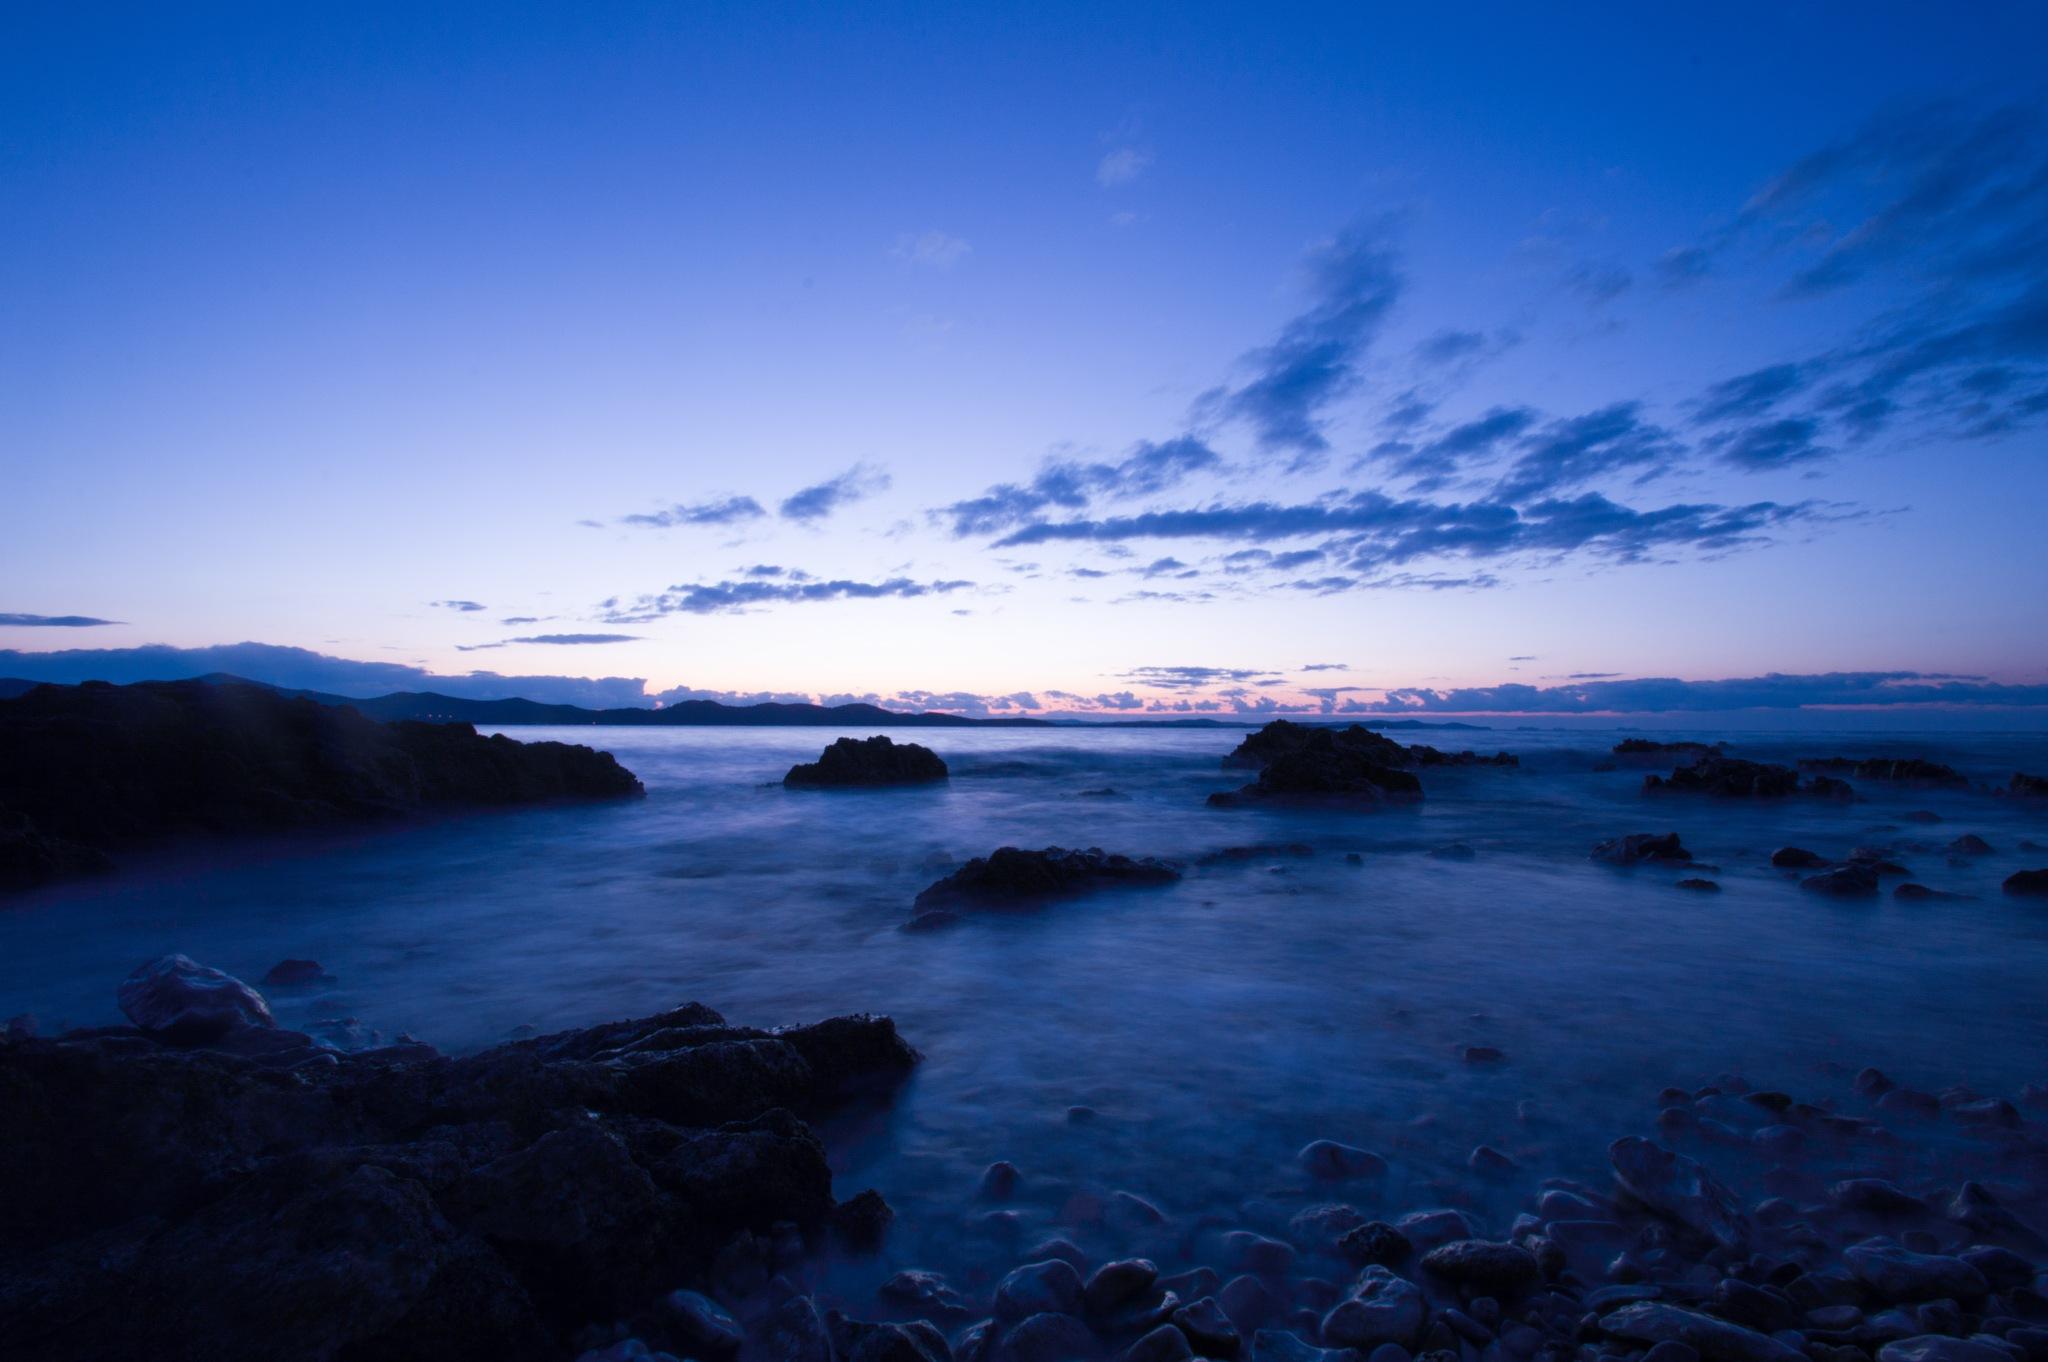 Blue hour silk by Mihovil